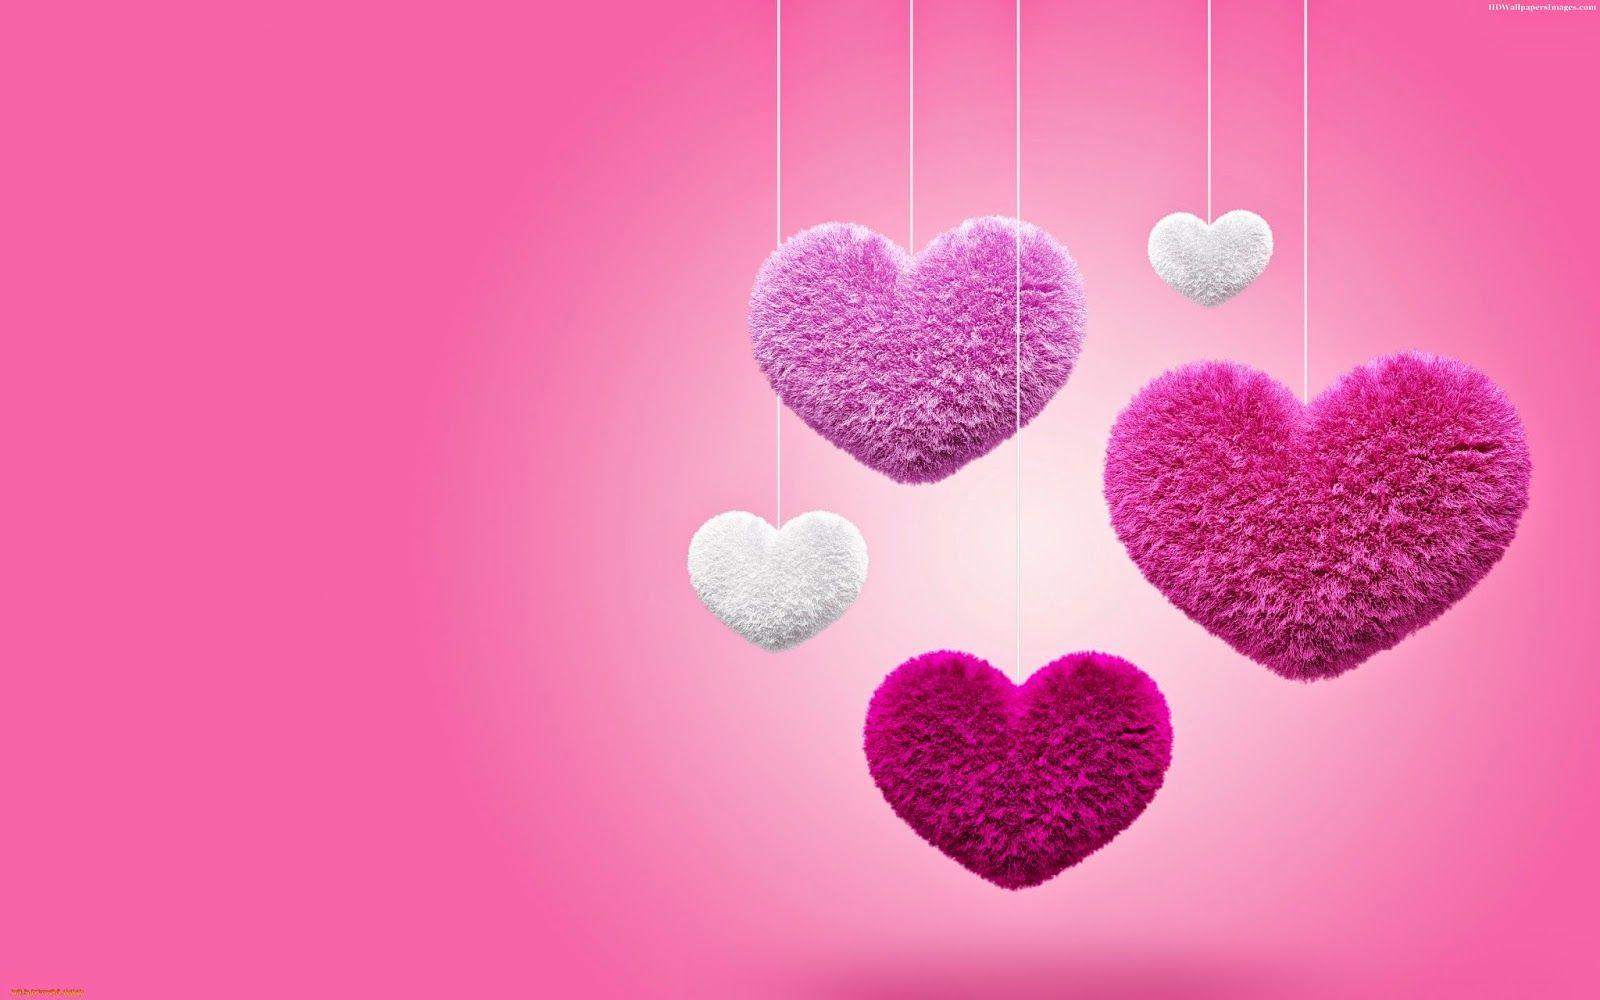 Wallpapers Hd Widescreen High Quality Desktop Free Download Love Pink Wallpaper Pink Wallpaper Heart Wallpaper